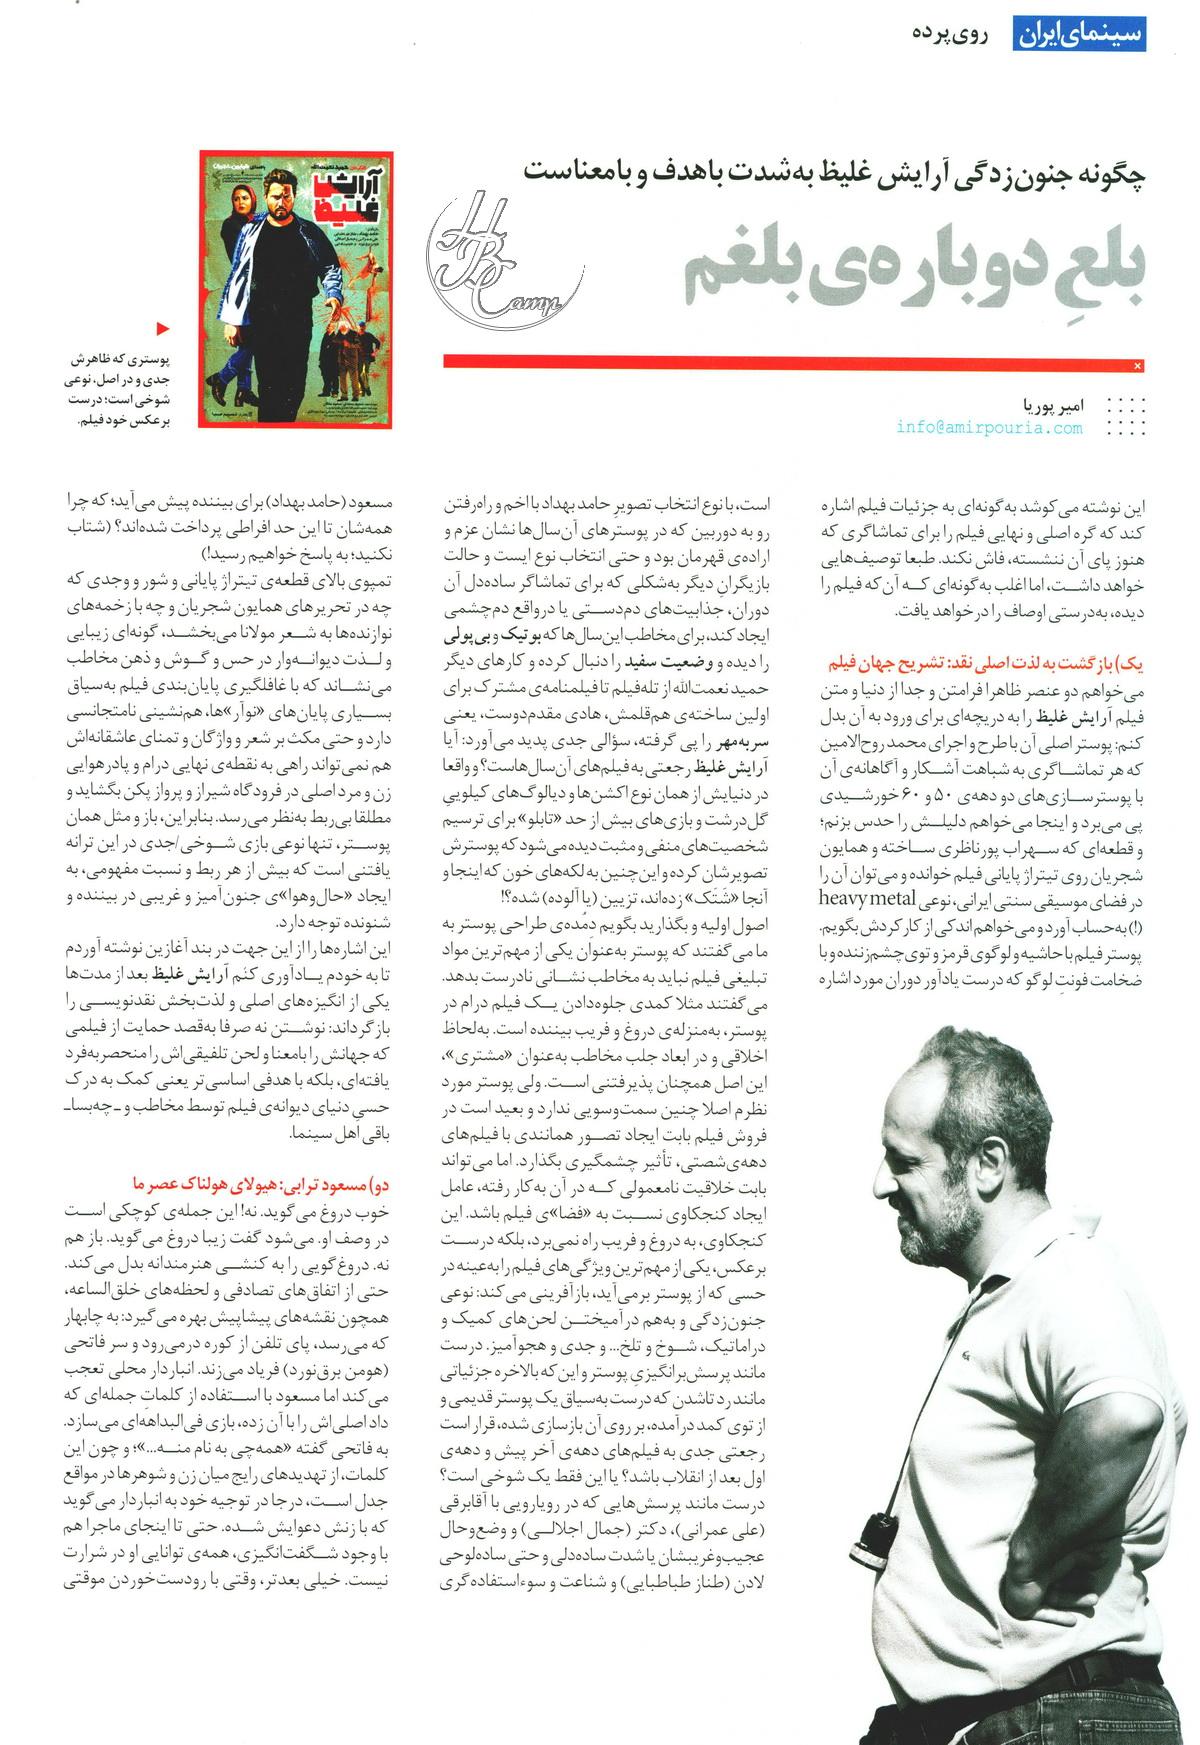 http://yotab.persiangig.com/magazin/24mag-56/n04.jpg